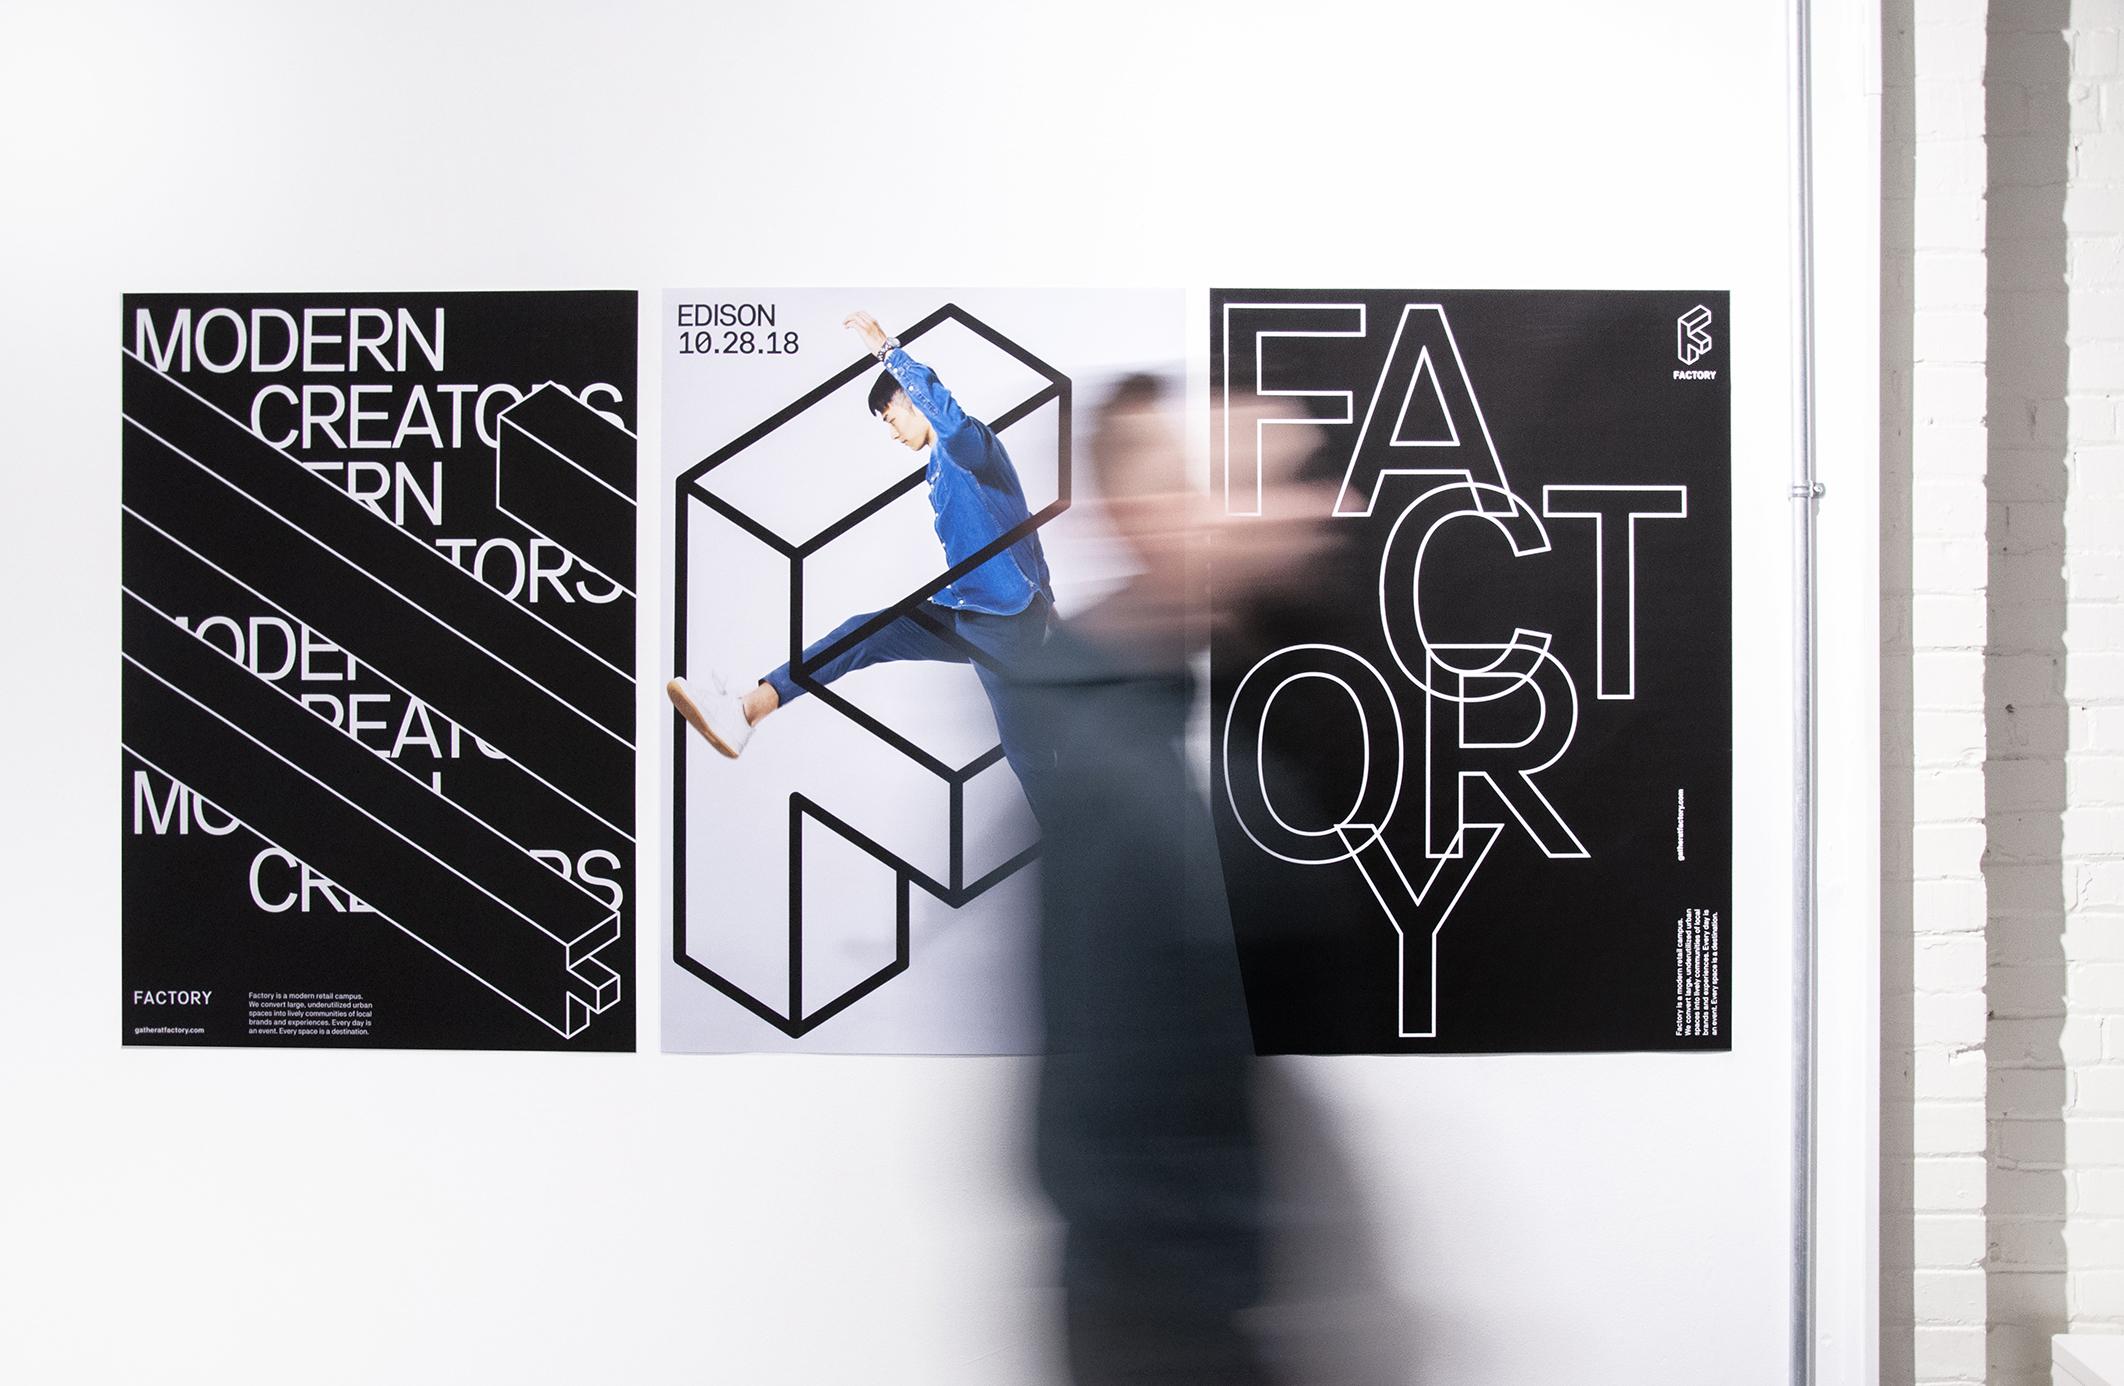 JK_Factory_PosterIRL1.jpg